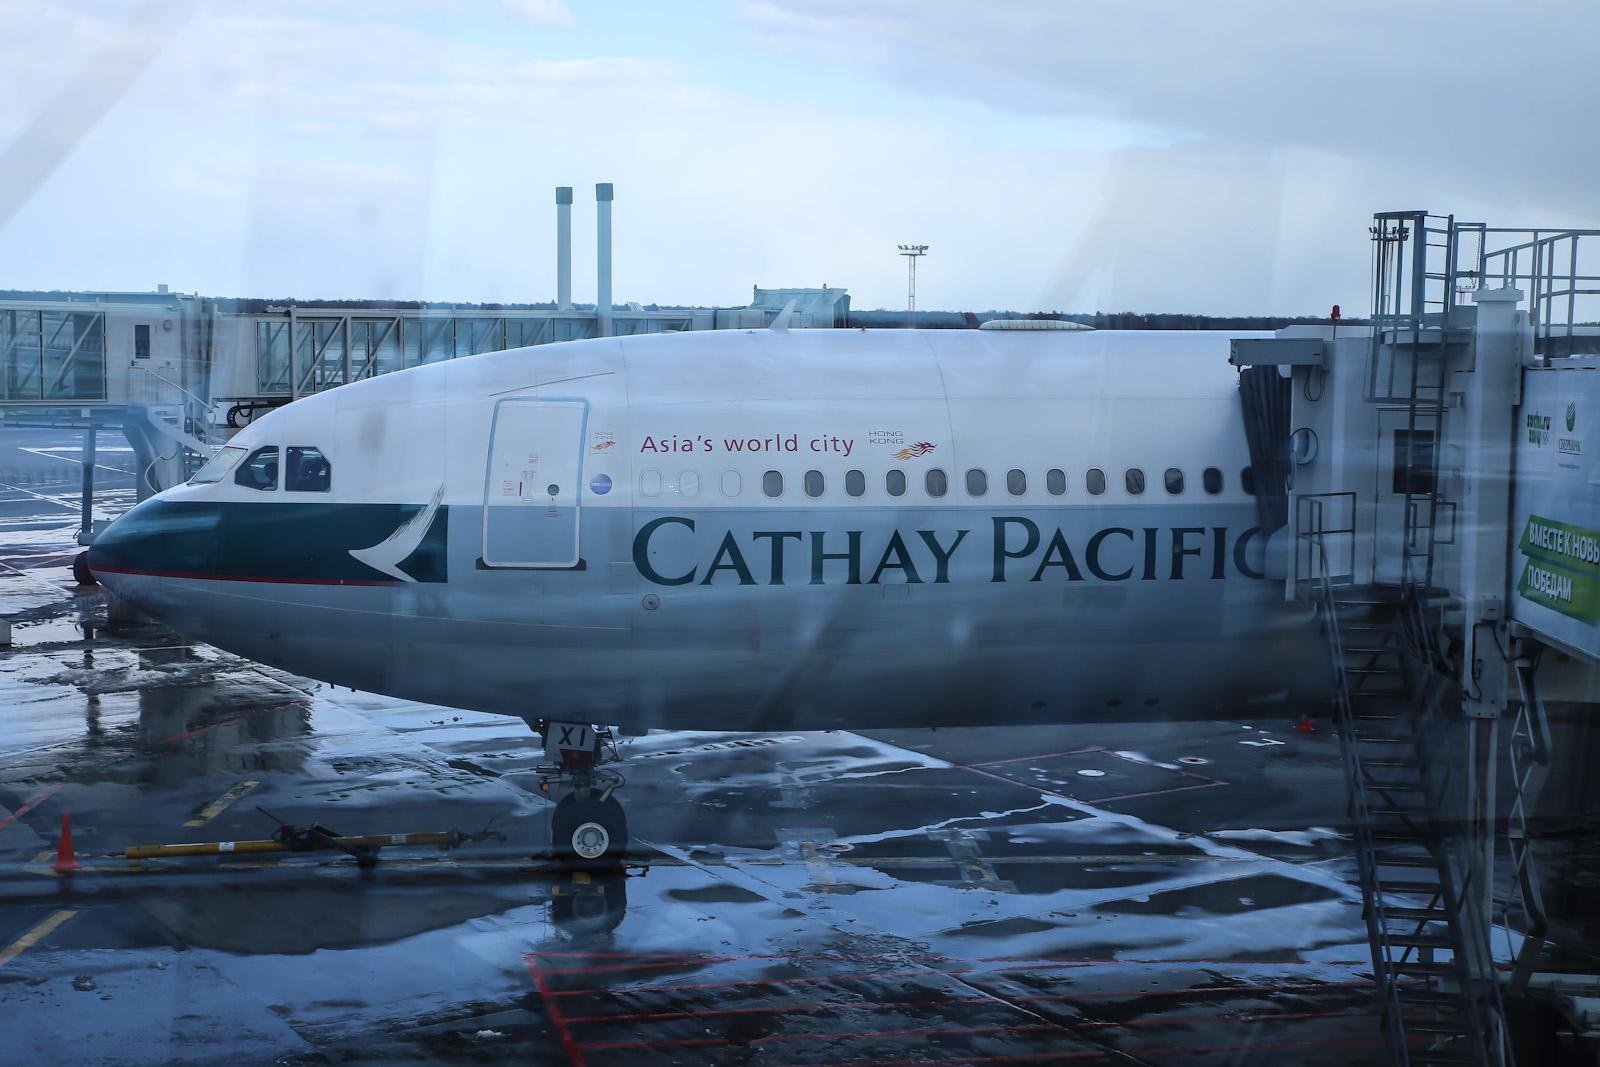 Посадка на рейс Москва-Гонконг авиакомпании Cathay Pacific